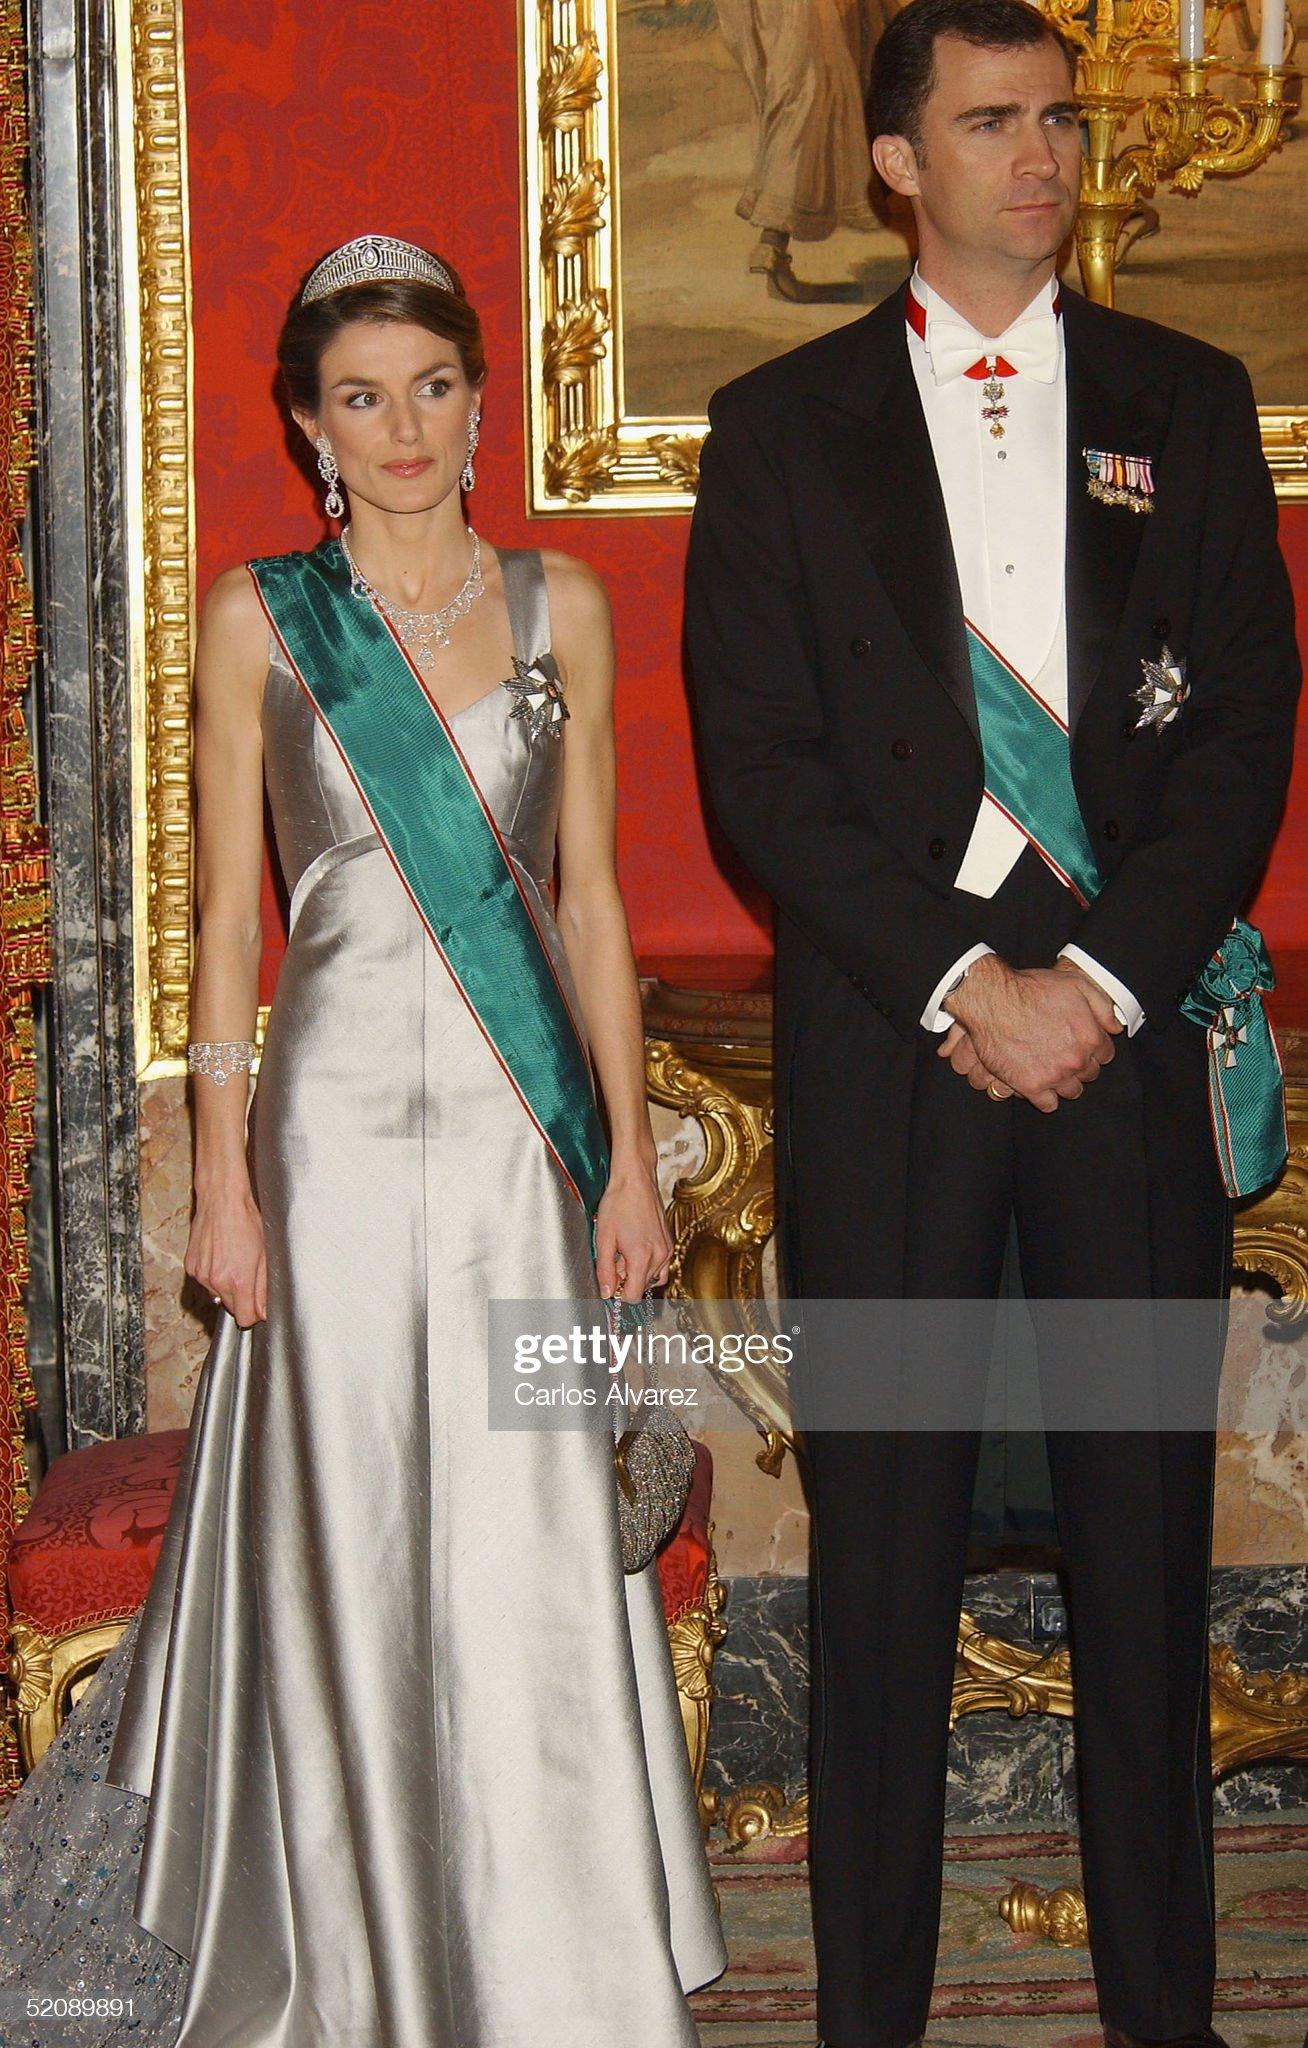 Вечерние наряды Королевы Летиции Spanish Royals Receive Hungarian President : News Photo